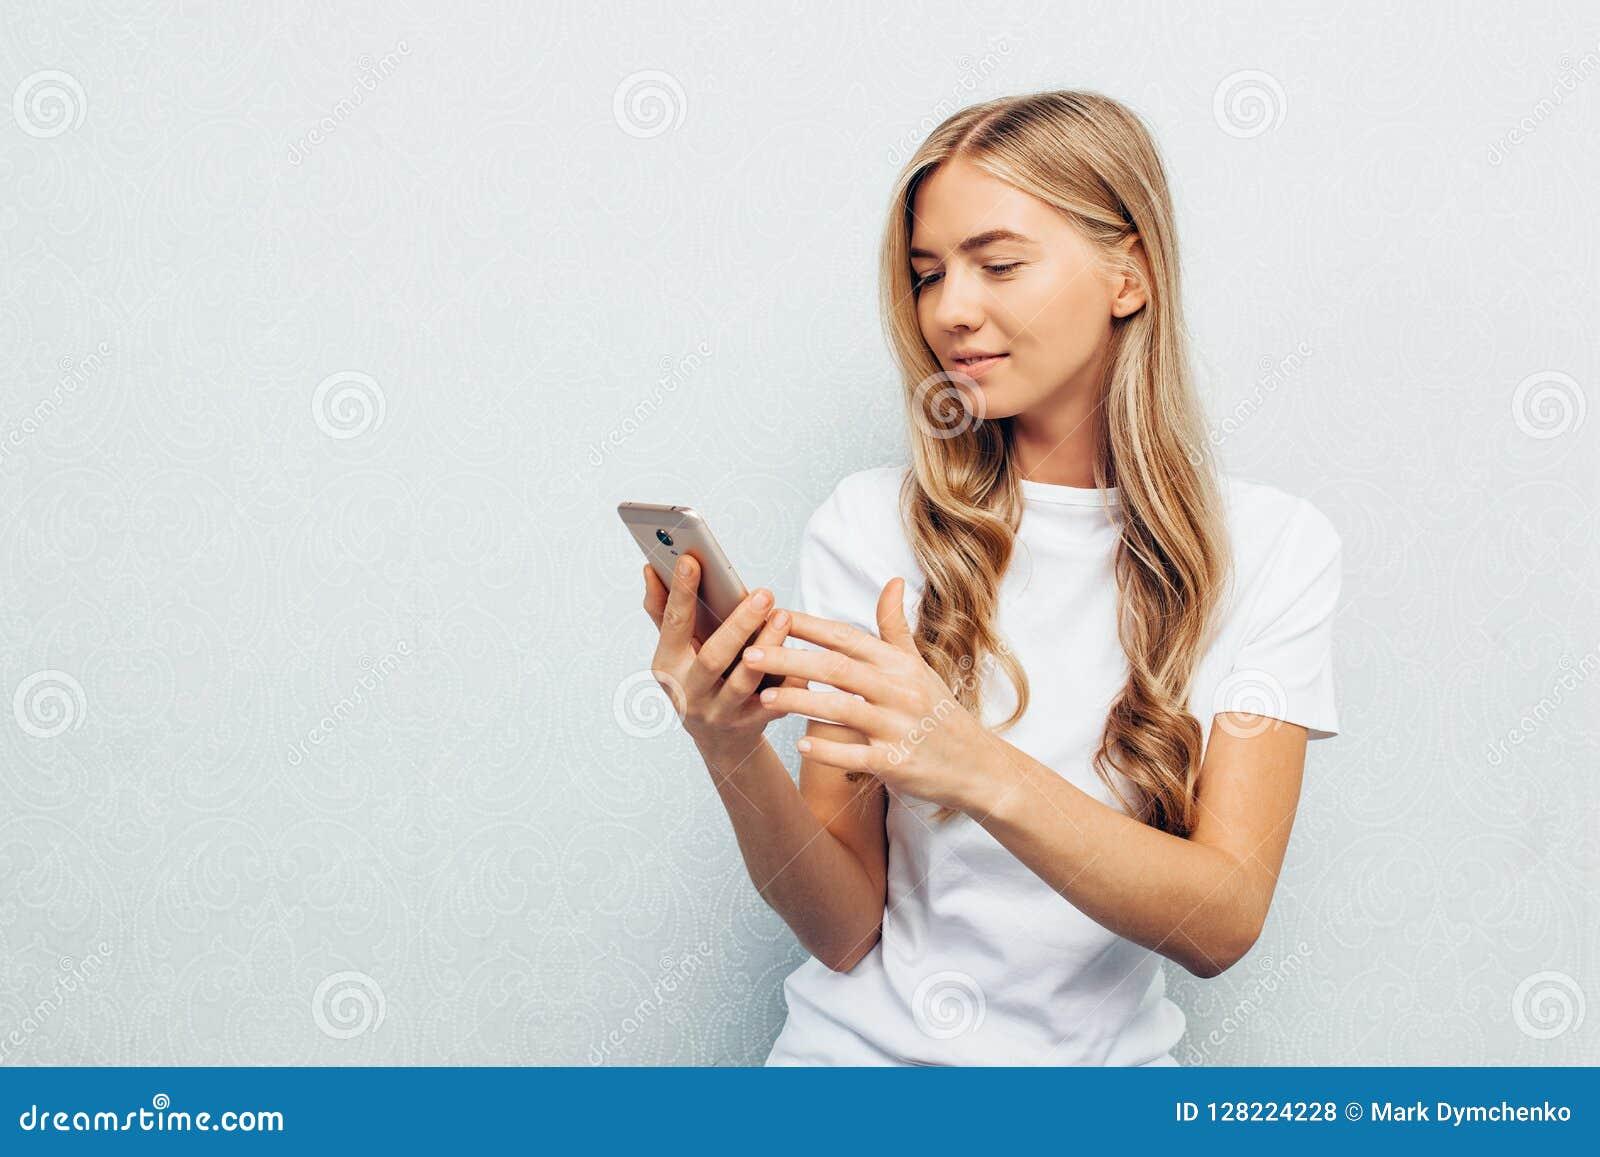 Рубашка красивой девушки нося белая, держащ телефон и смотрящ экран, сидя на поле, ноги пересеченные, на серое backgrou